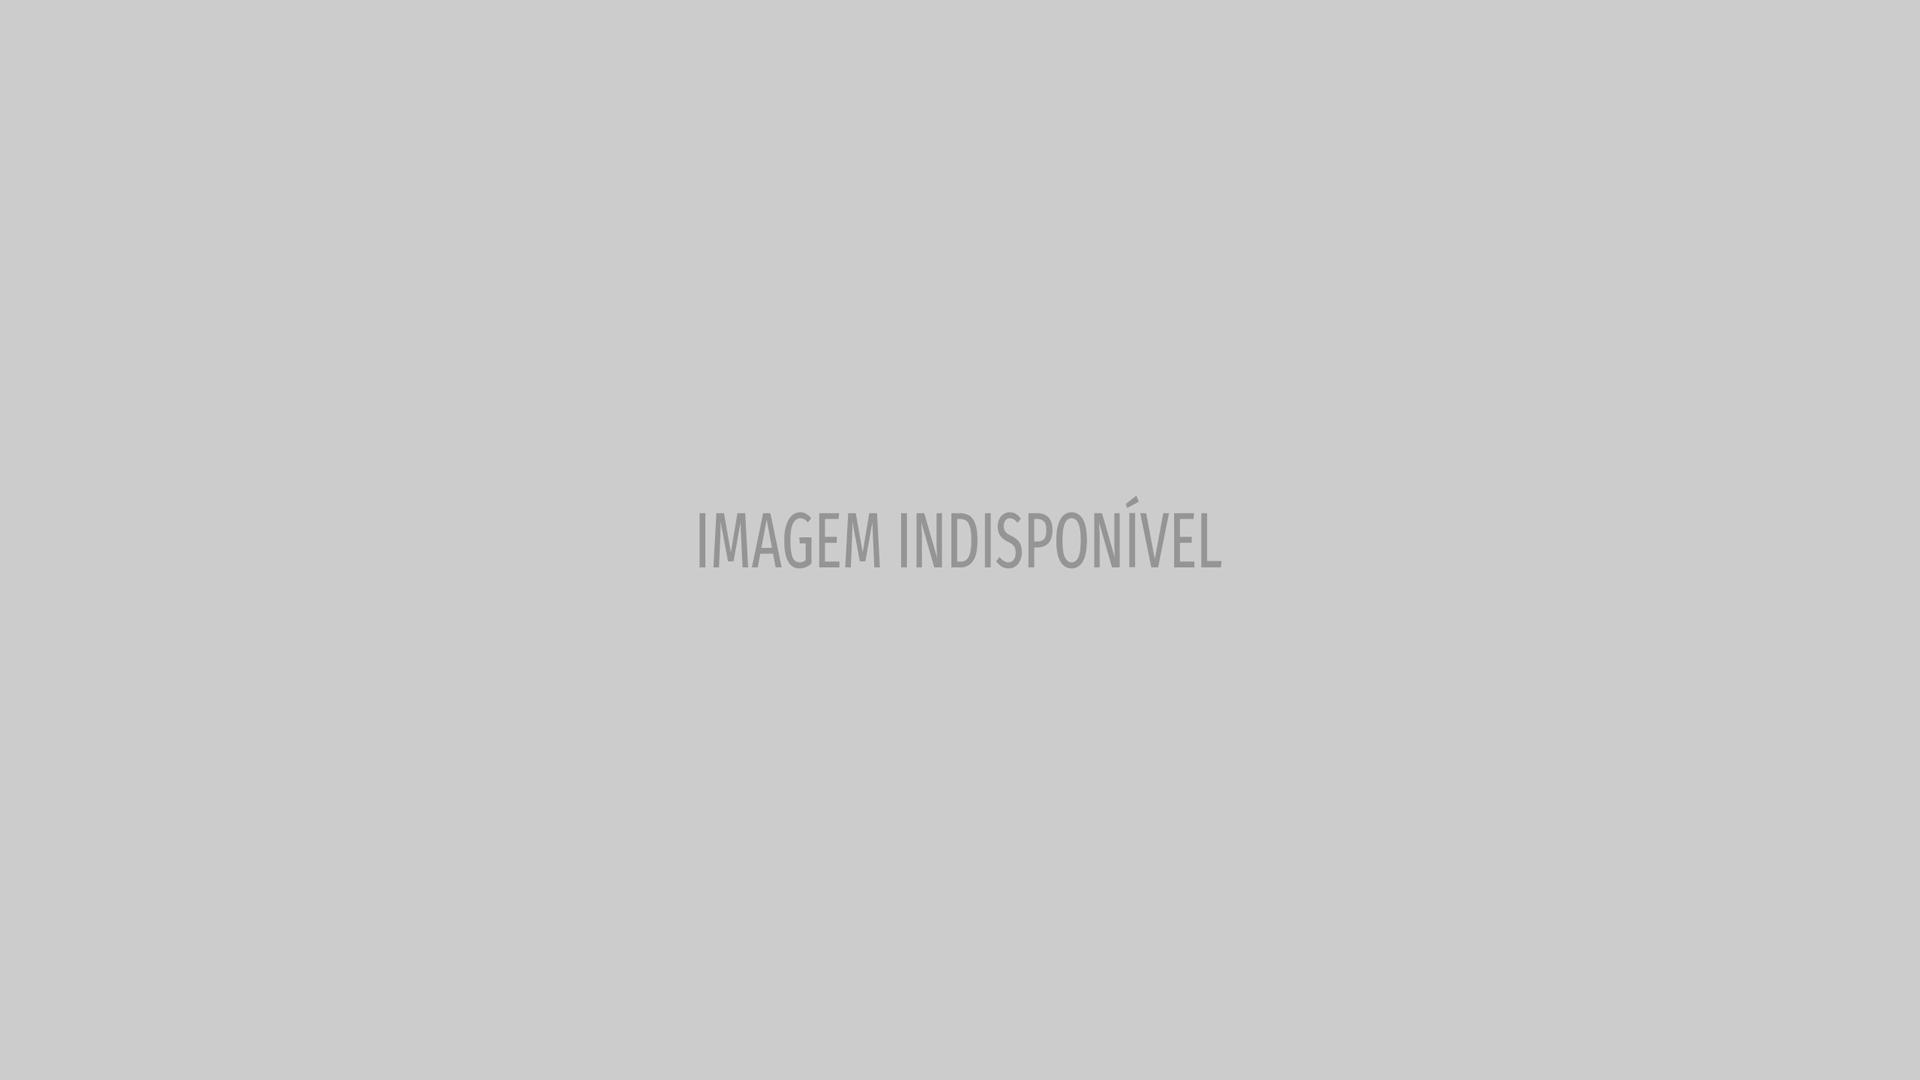 Incrível: Teto desabou e Estádio do AZ Alkmaar ficou assim